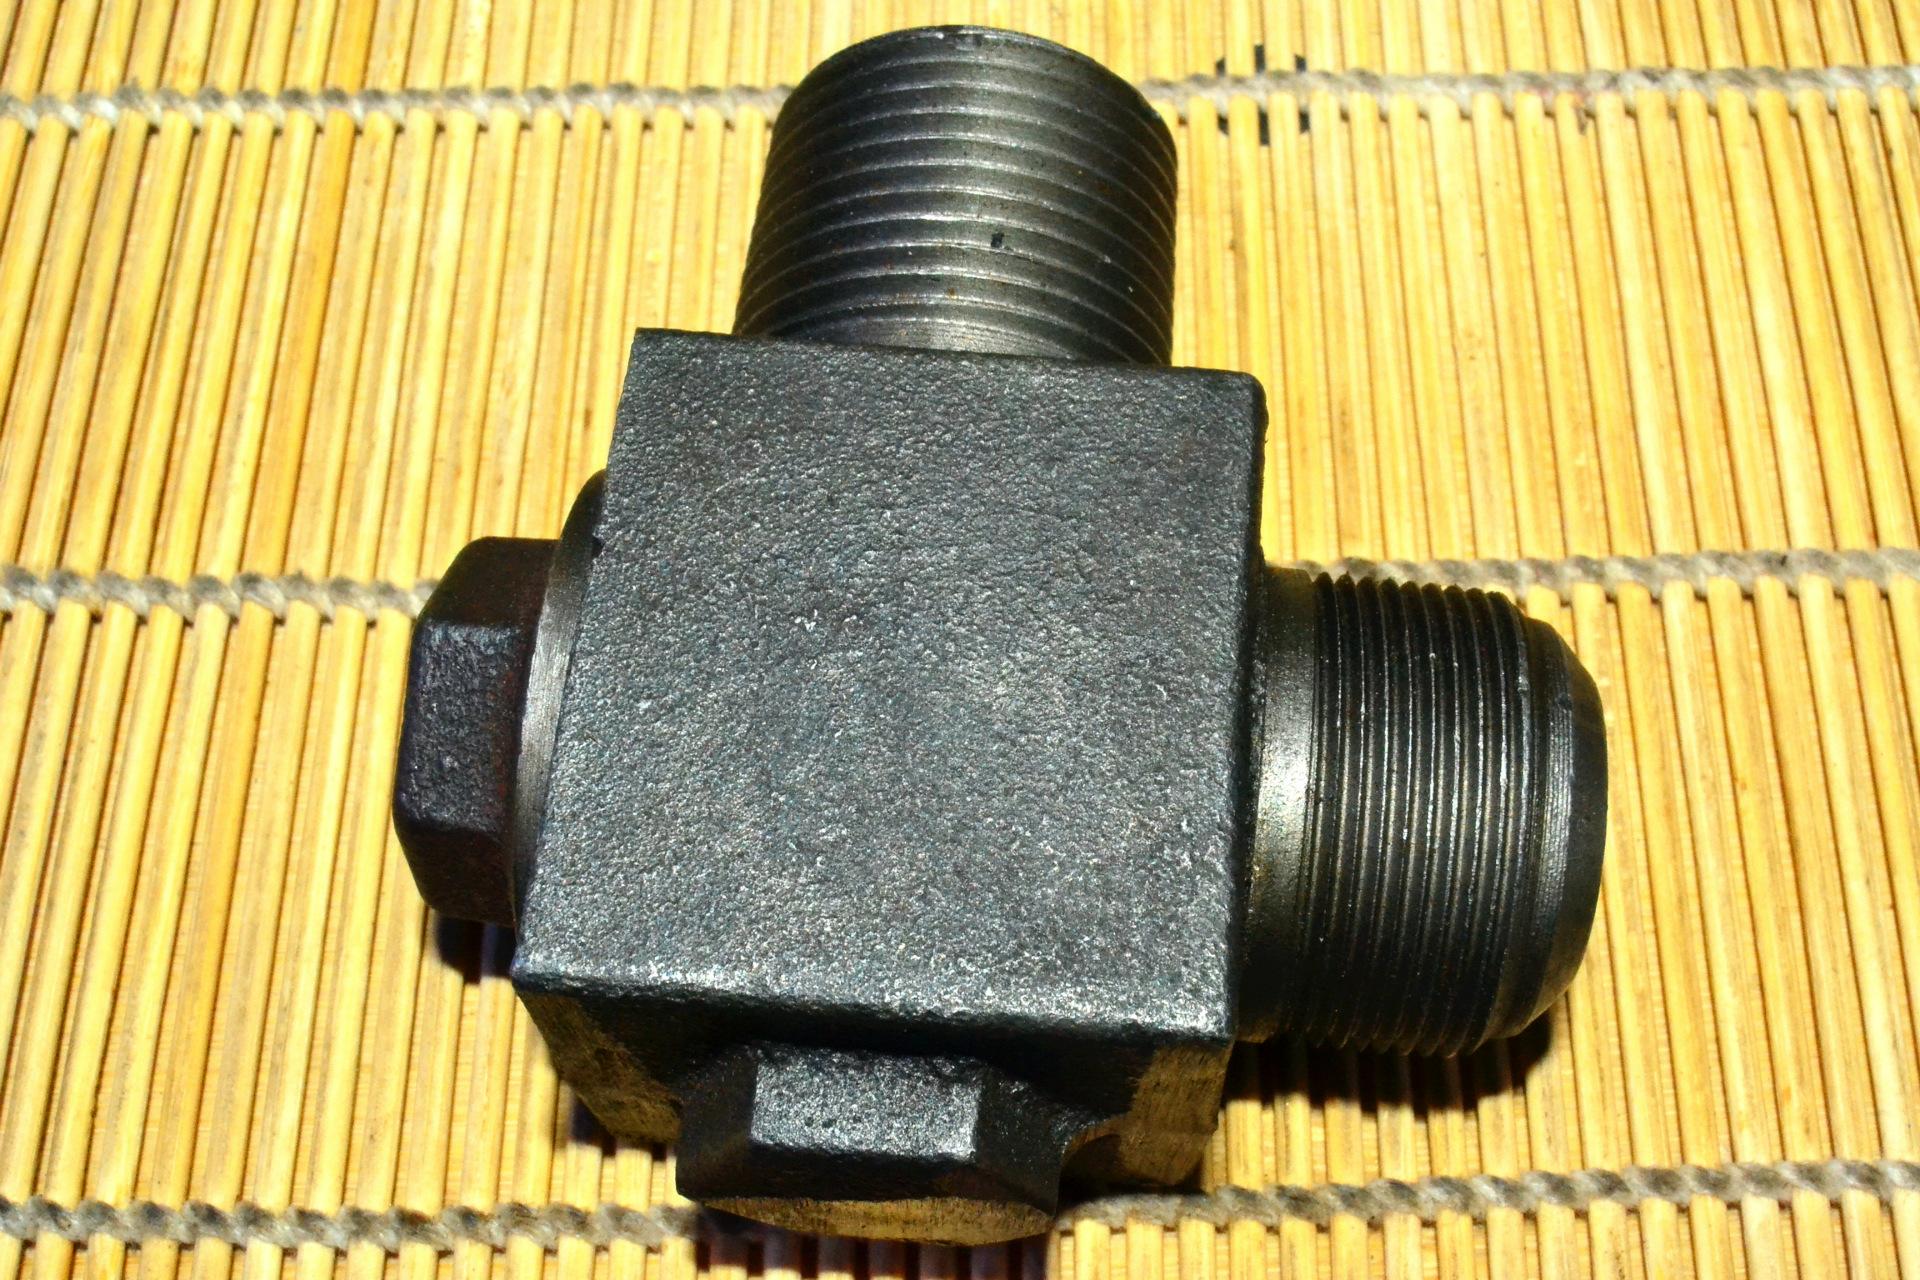 气泵单向阀 空气压缩机单向阀 空压机单向阀止回阀逆止阀气泵配件图片